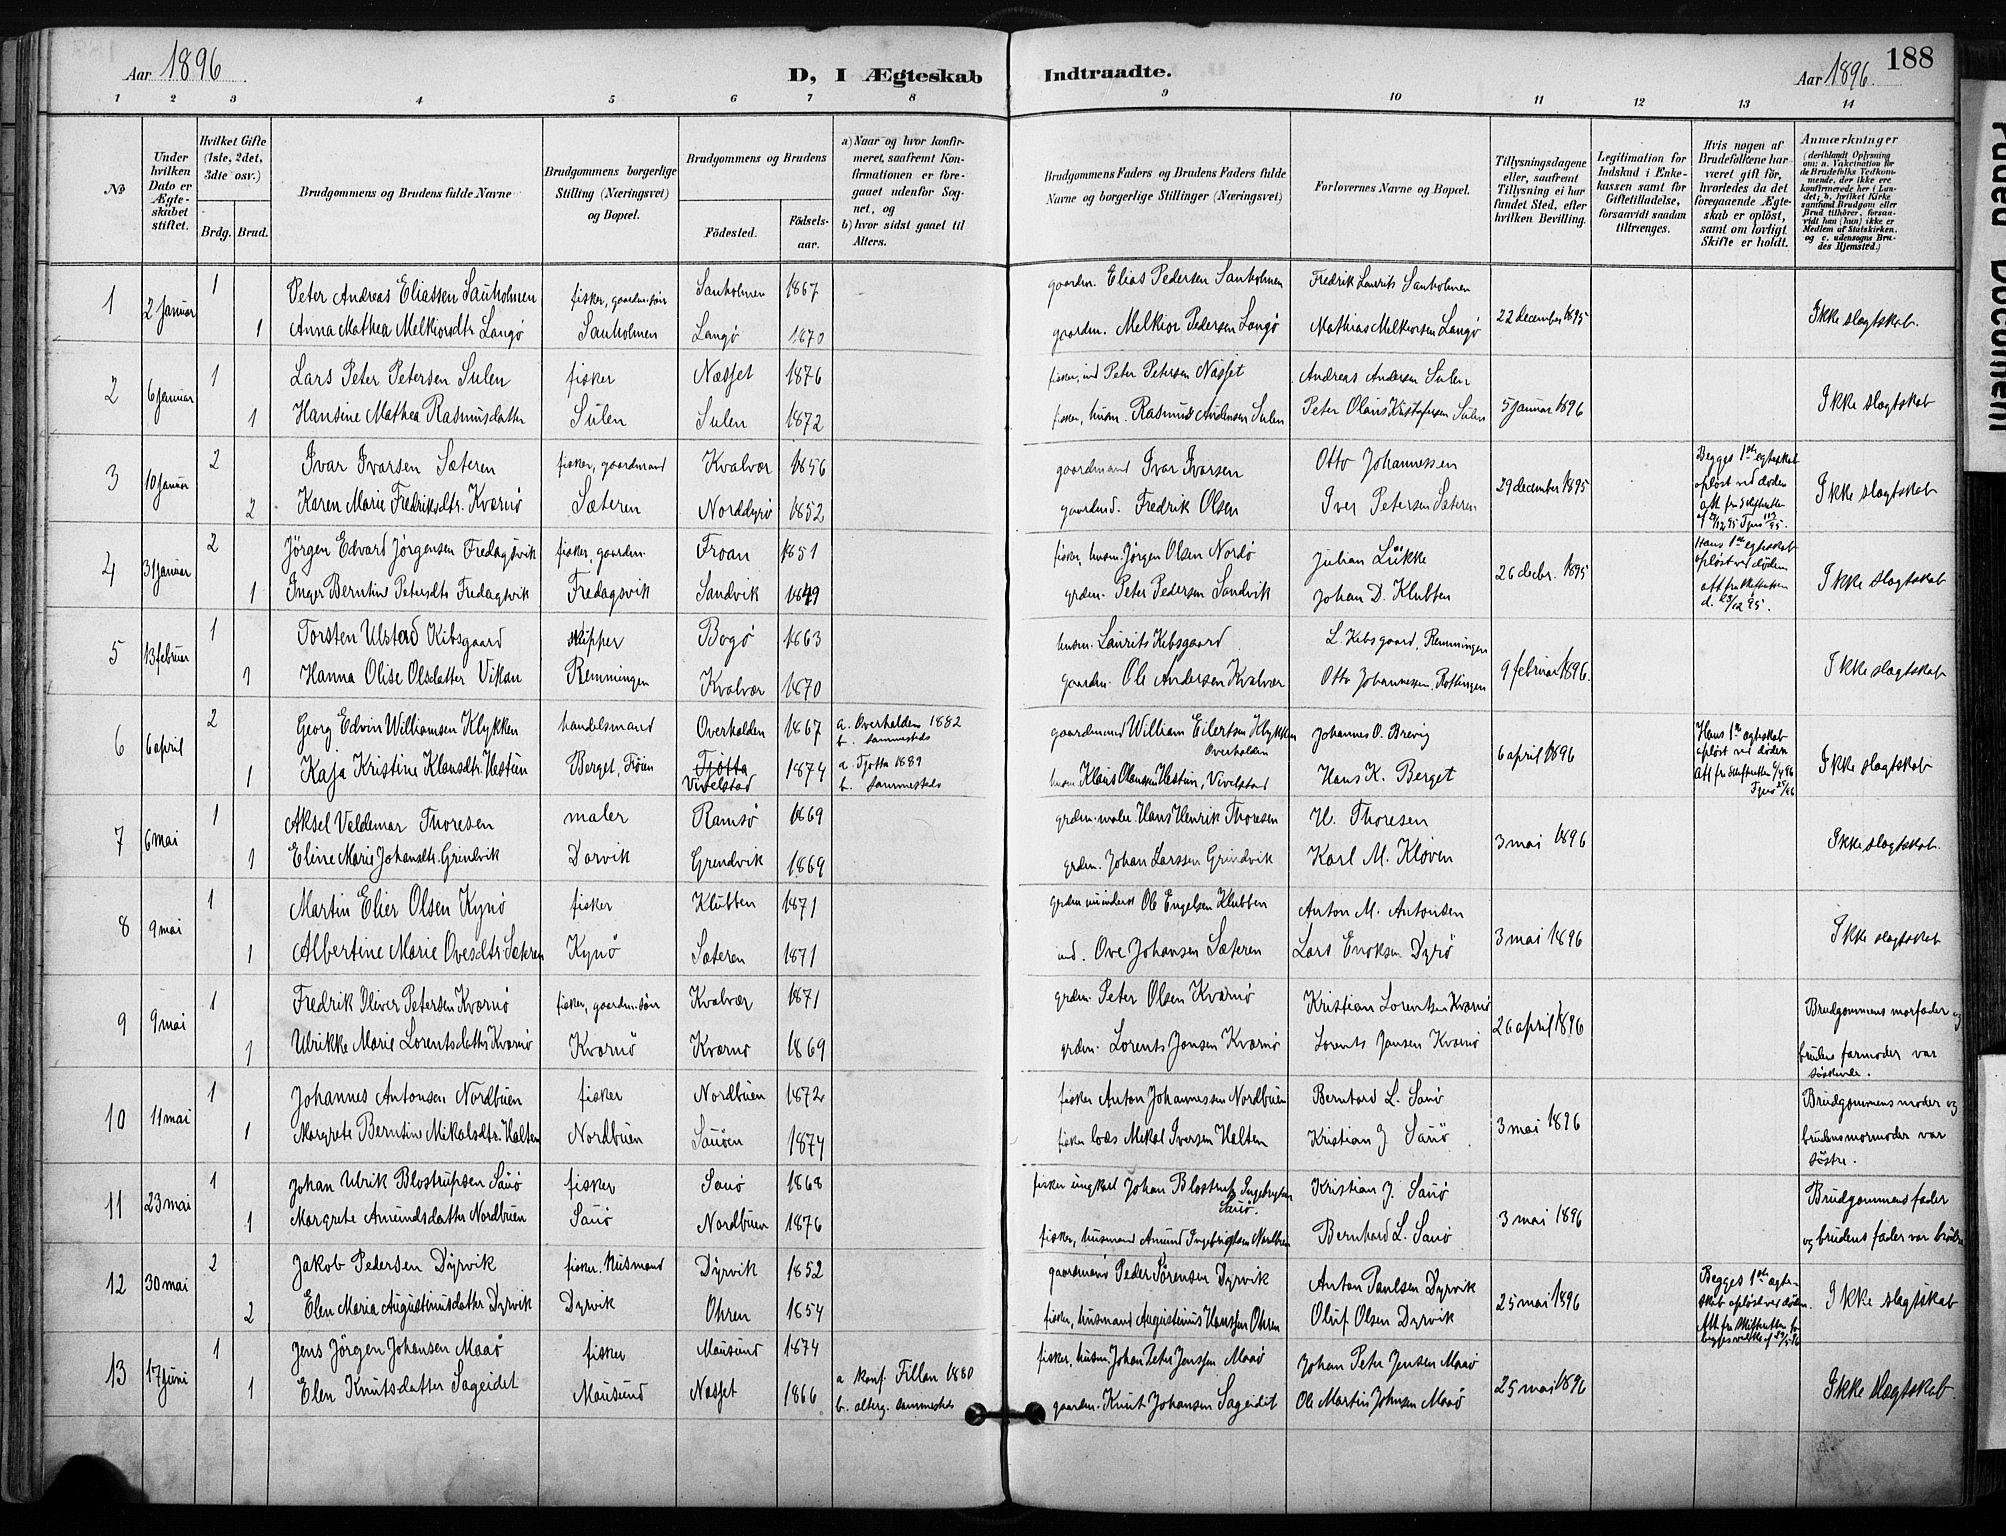 SAT, Ministerialprotokoller, klokkerbøker og fødselsregistre - Sør-Trøndelag, 640/L0579: Ministerialbok nr. 640A04, 1889-1902, s. 188